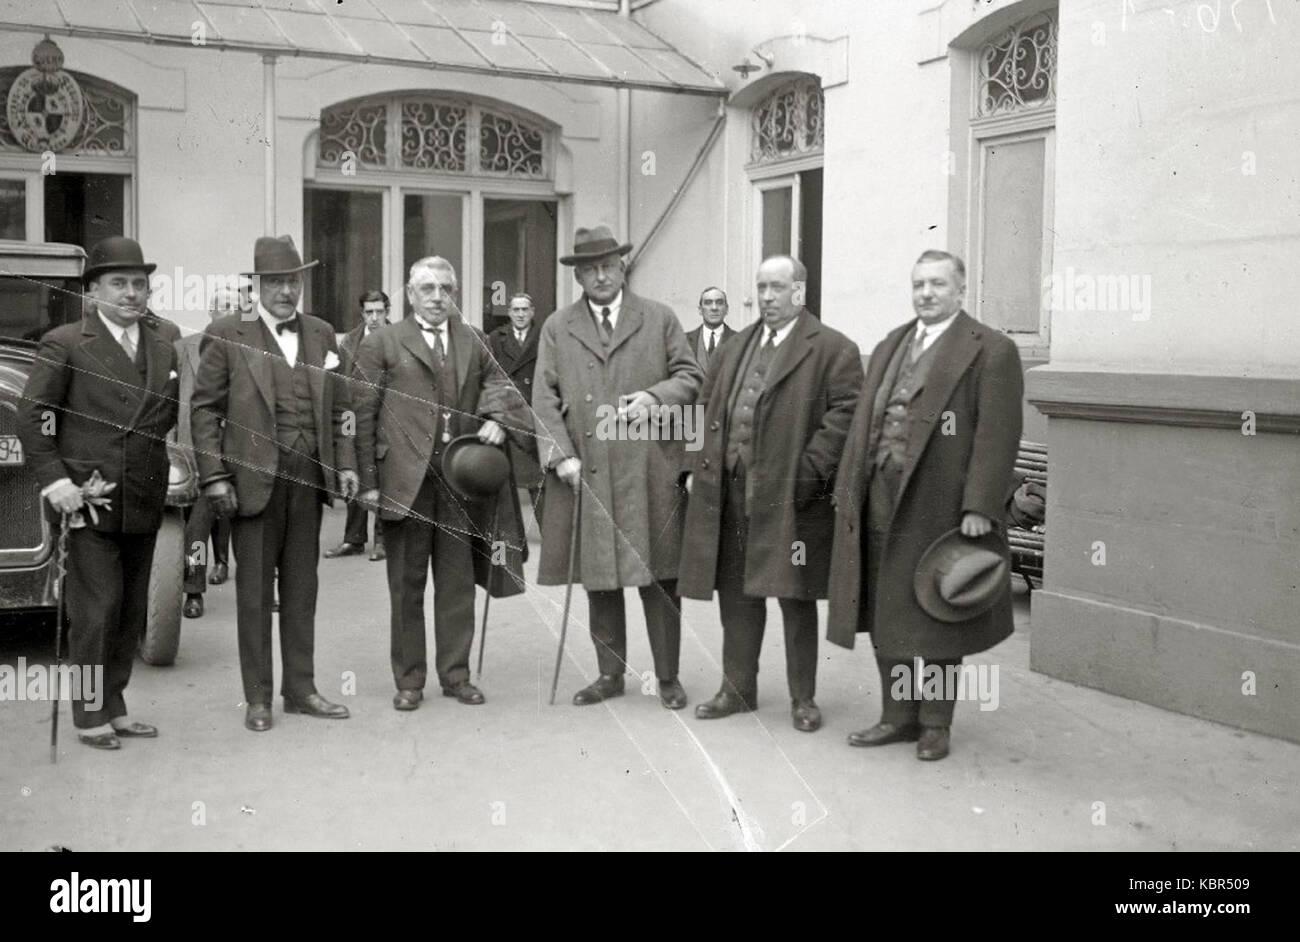 El general Miguel Primo de Rivera con un grupo de hombres en el exterior de un edificio (1 de 1)   Fondo Car Kutxa - Stock Image